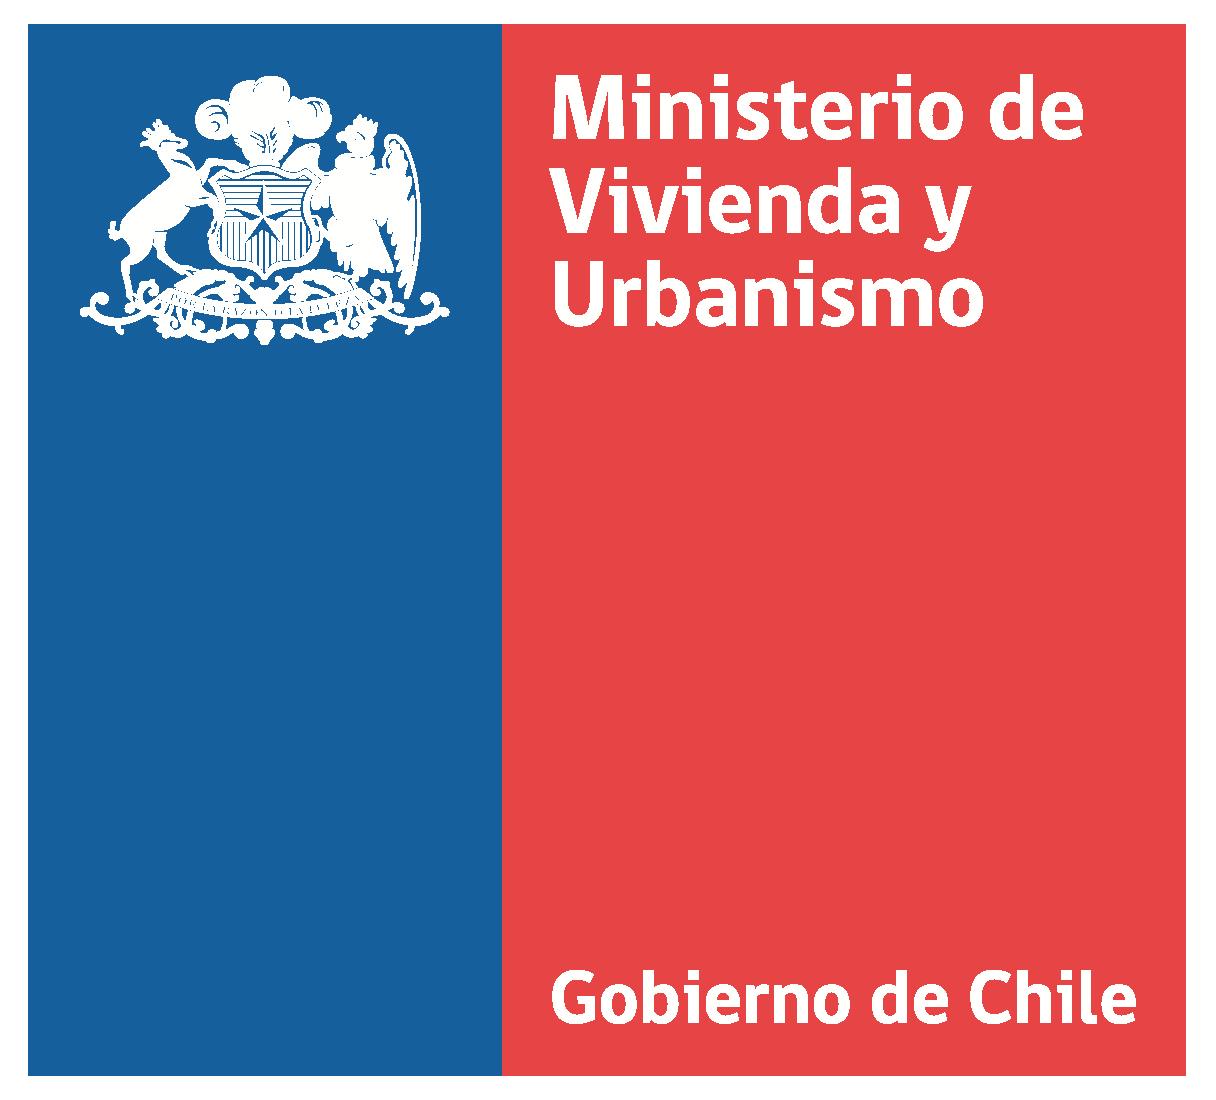 Gobierno de Chile - Ministerio de Vivienda y Urbanismo